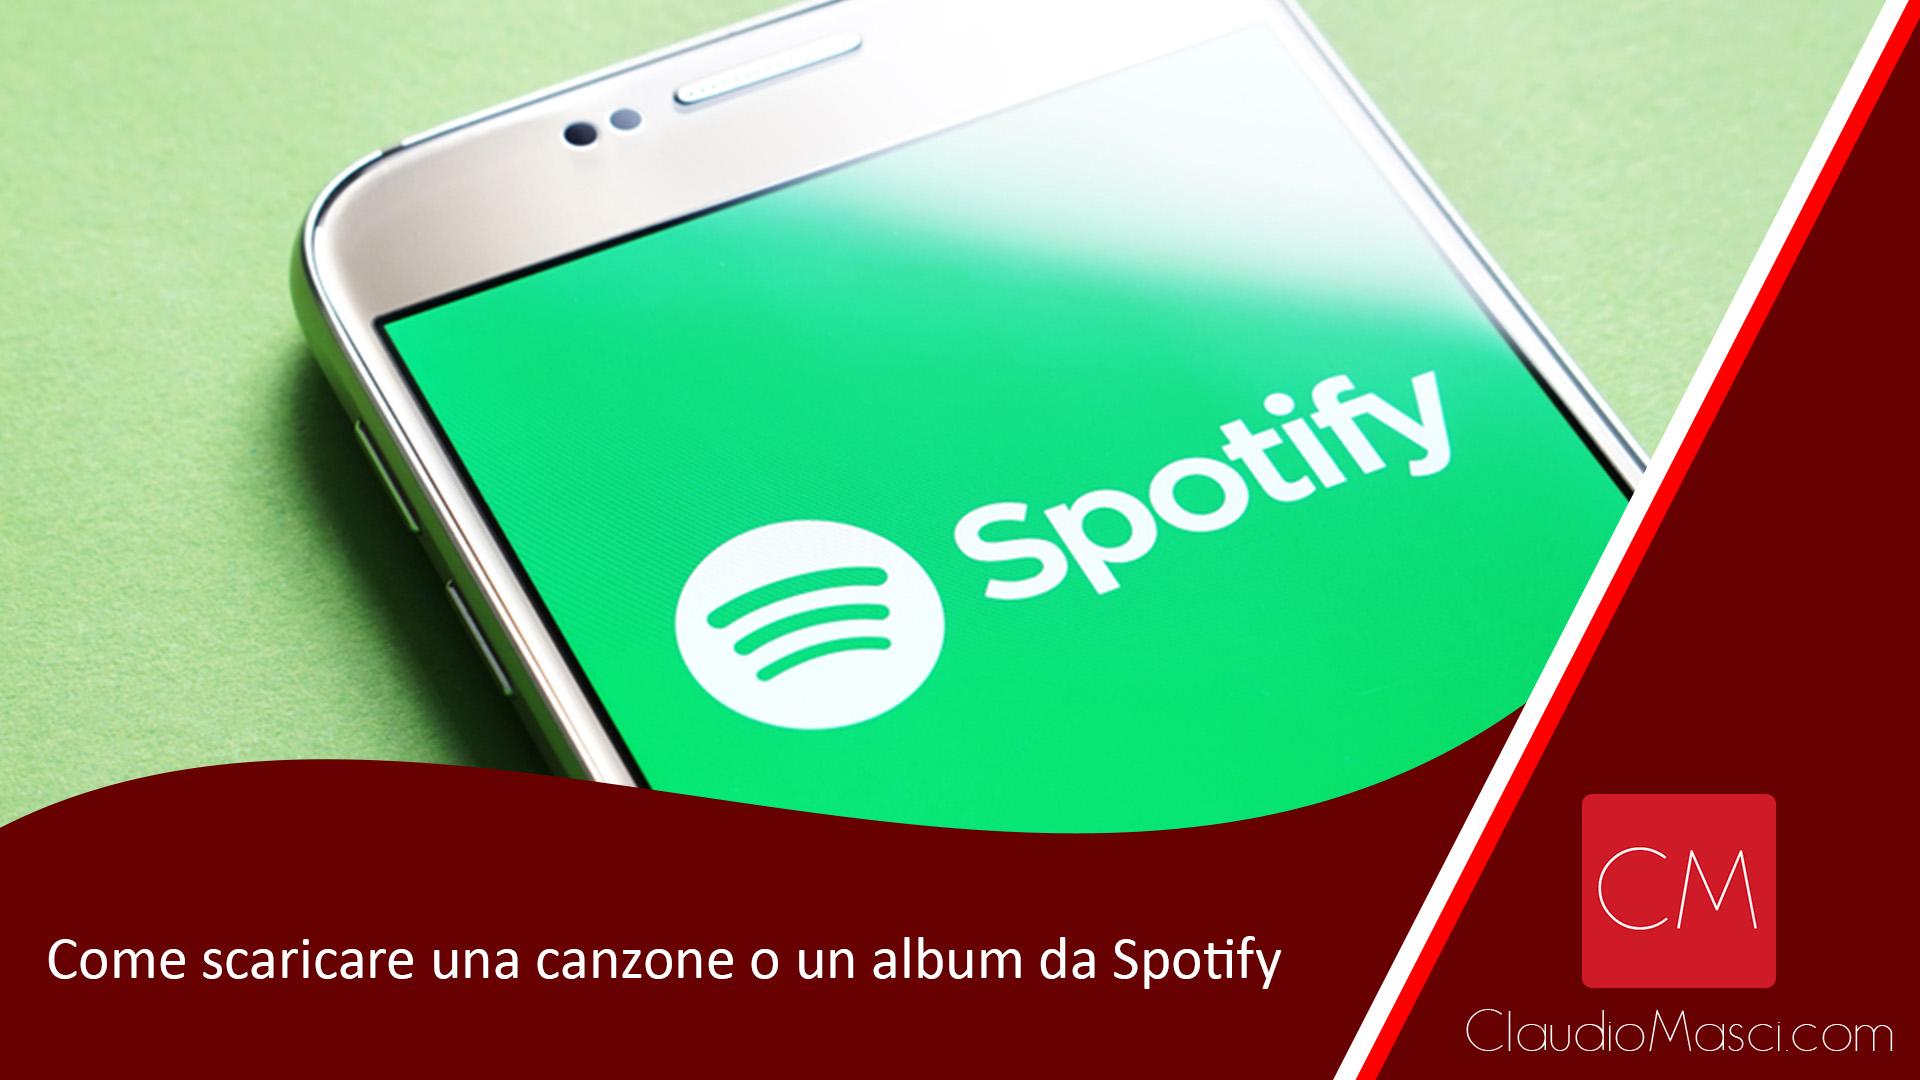 Come scaricare una canzone o un album da Spotify